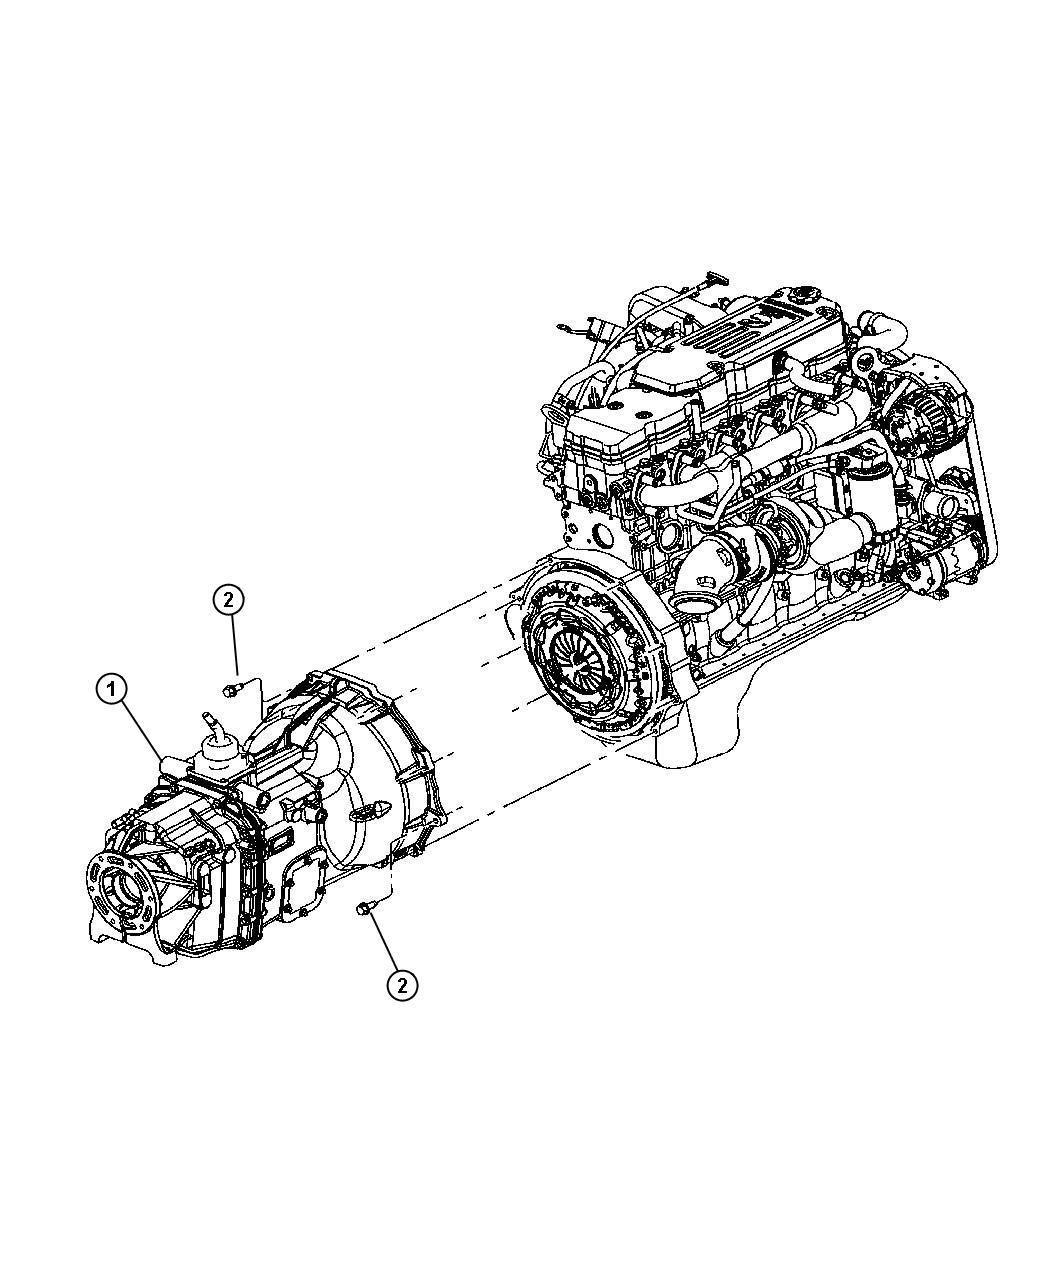 Dodge Challenger Transmission 6 Speed Assembly Stamp